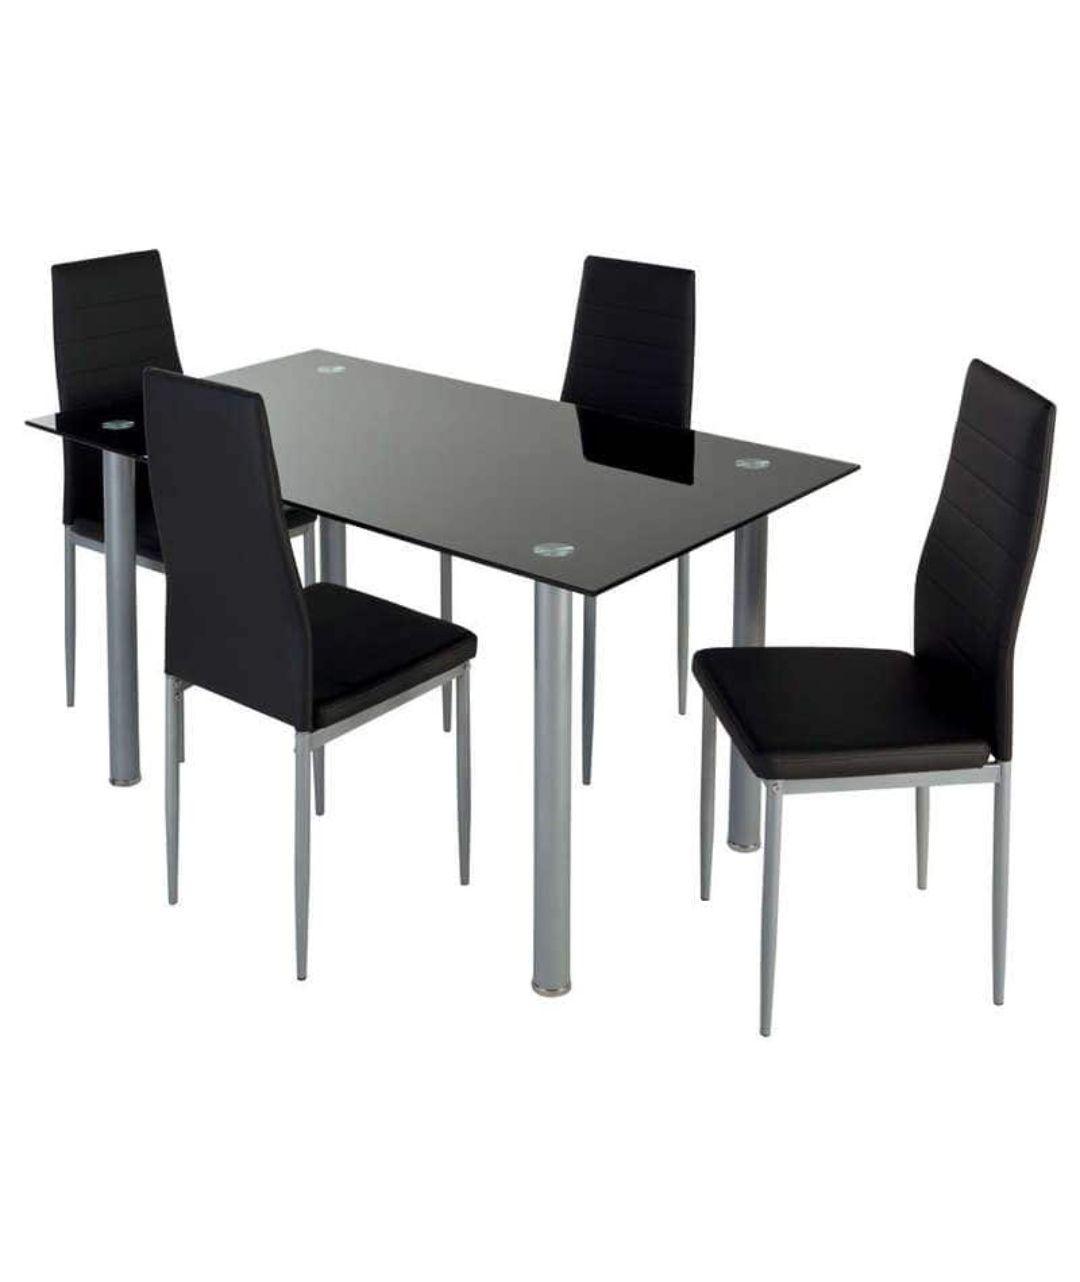 Ensemble de salle à manger 4 places Featuring - table avec plateau en verre + 4 chaises (noir)